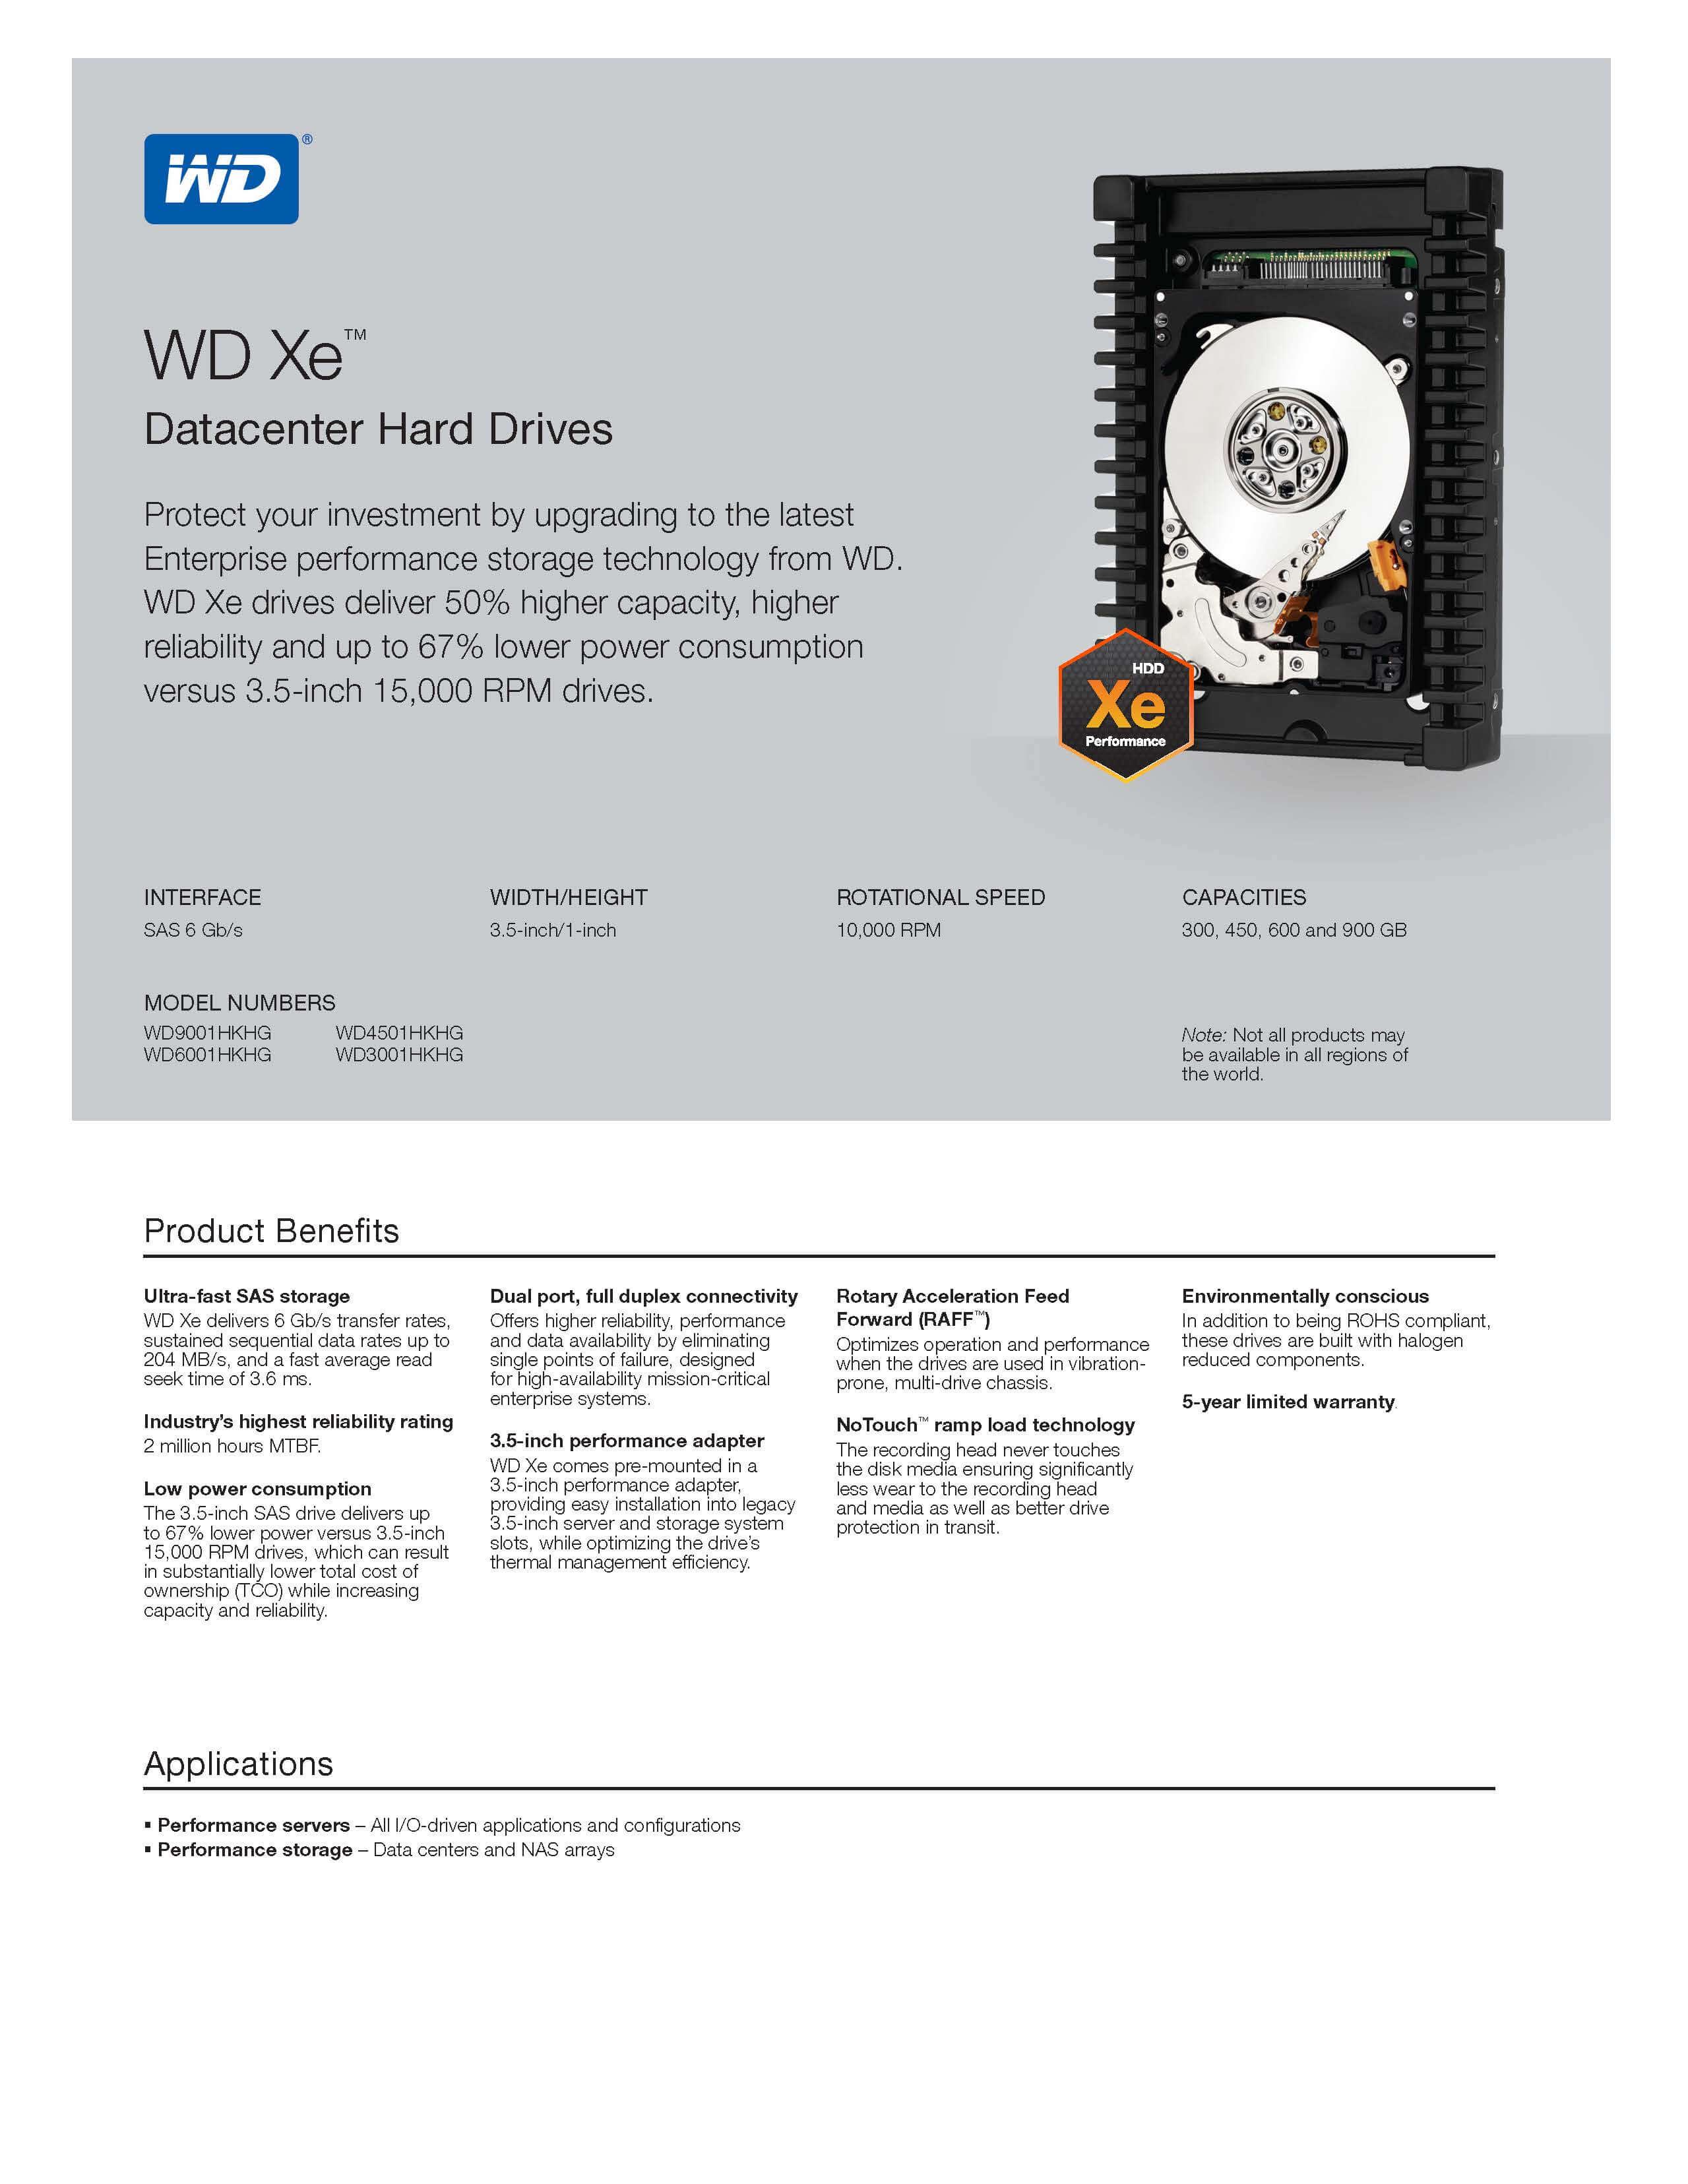 """HD 900GB SAS 3,5"""" modelo WD9001HKHG marca Western Digital"""